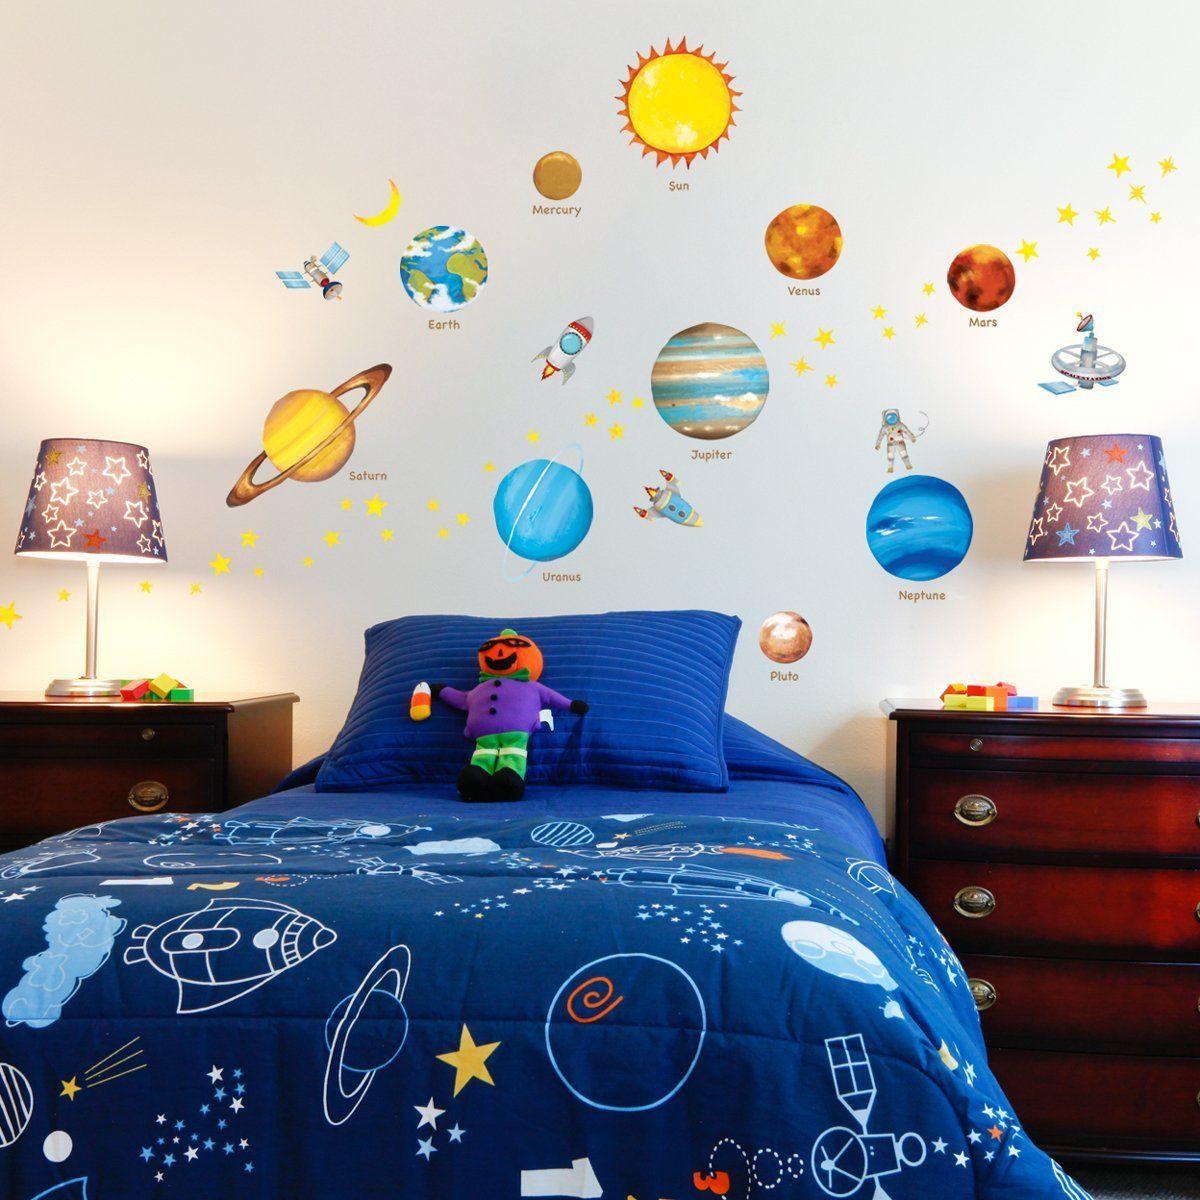 werbung sonnensystem planeten platz weltraum wandtattoo wandsticker wandaufkleber wanddeko. Black Bedroom Furniture Sets. Home Design Ideas